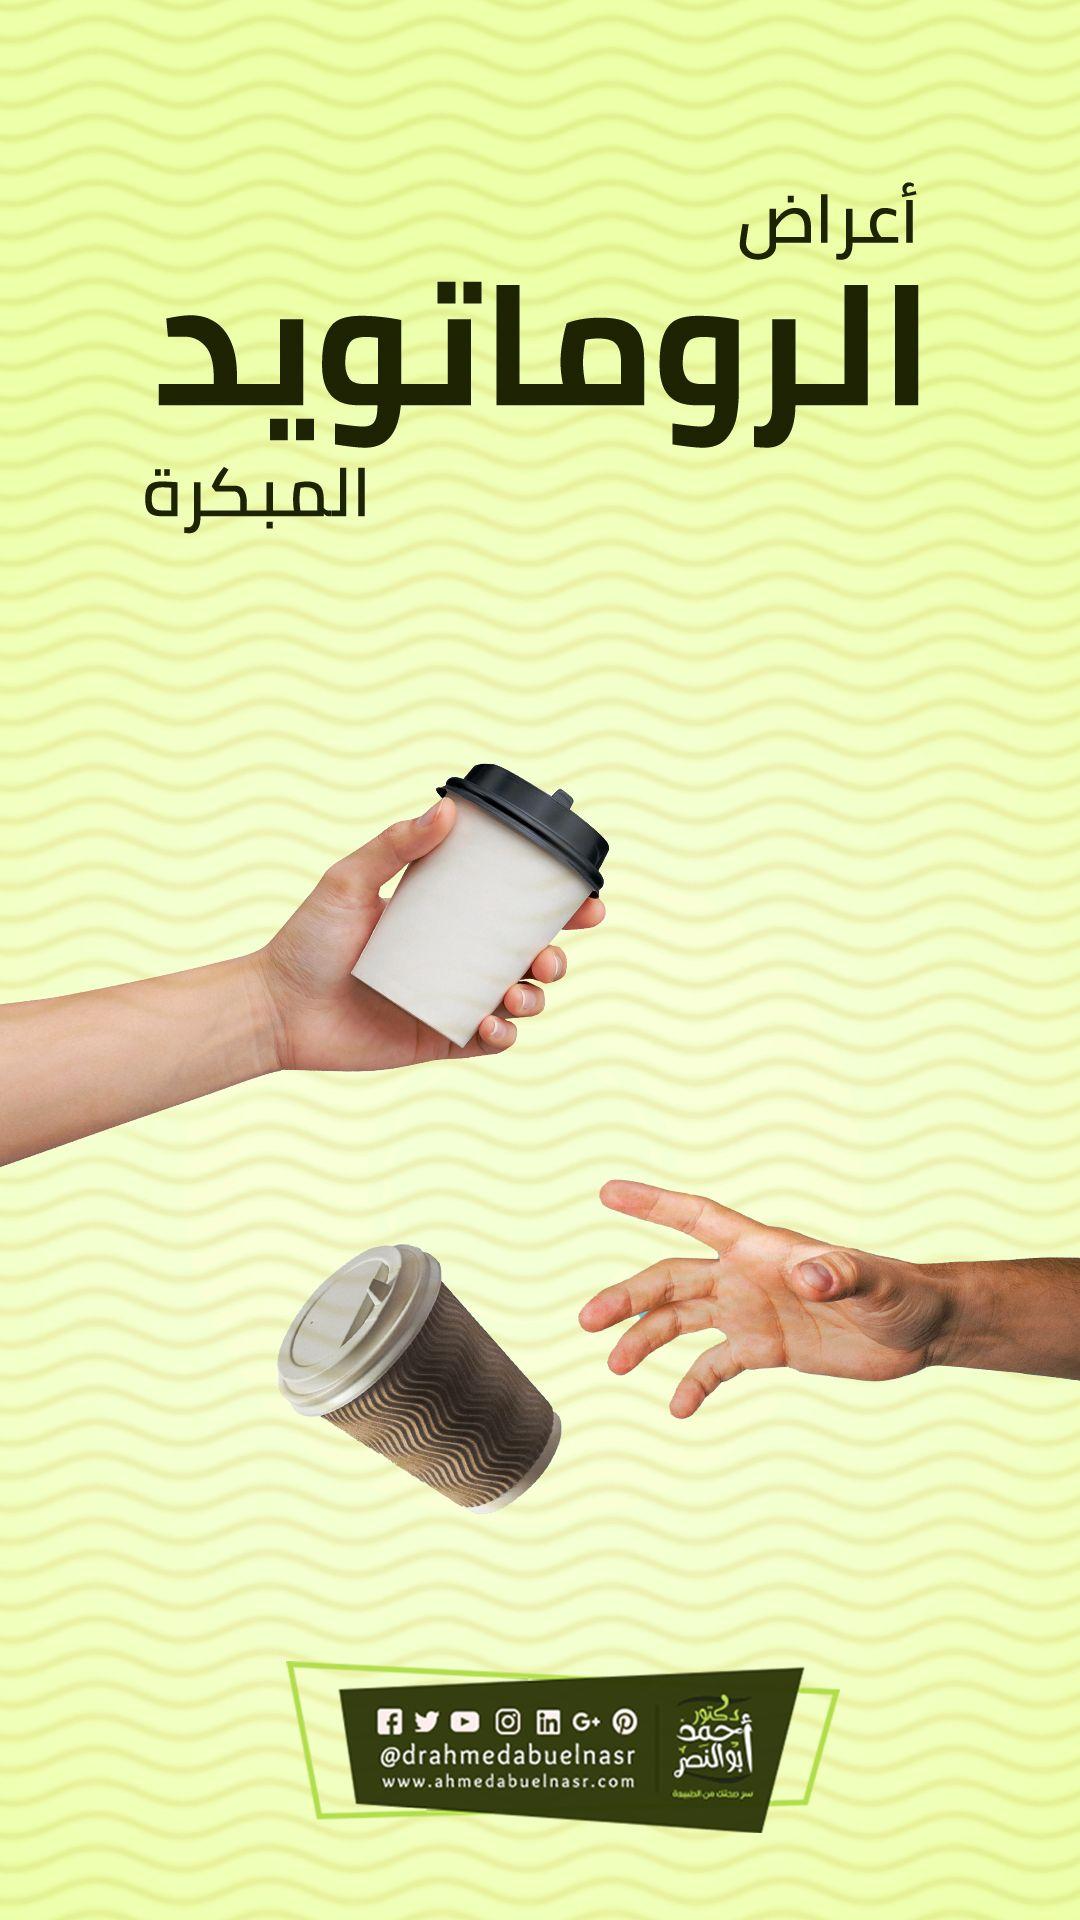 دليلك لمعرفة أعراض الروماتويد المبكرة الدكتور احمد ابو النصر Movie Posters Movies Poster